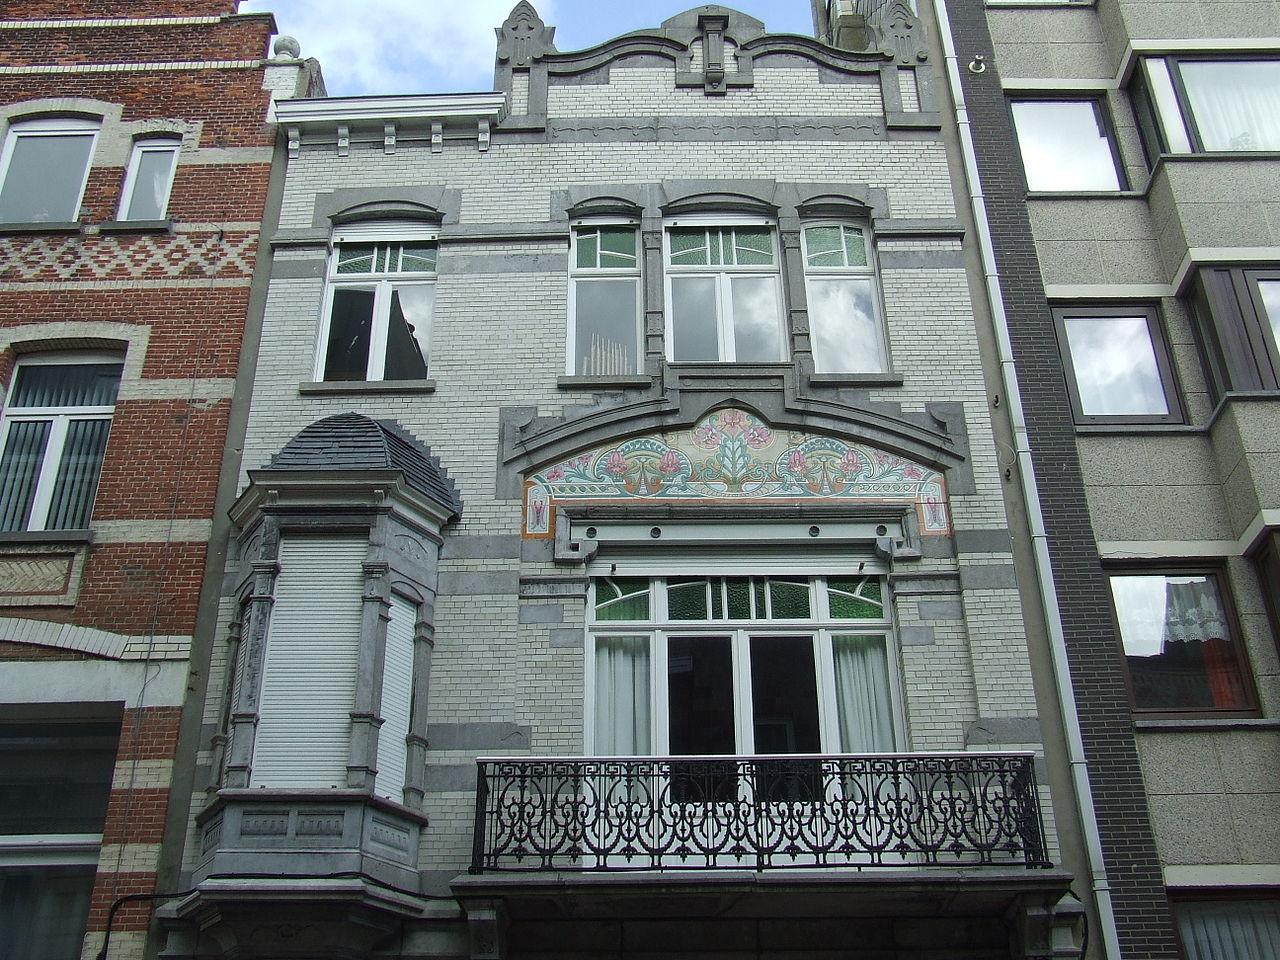 1280px-BE-blankenberge-Malecotstraat_24-erfgoed-nr.44951-3.jpeg